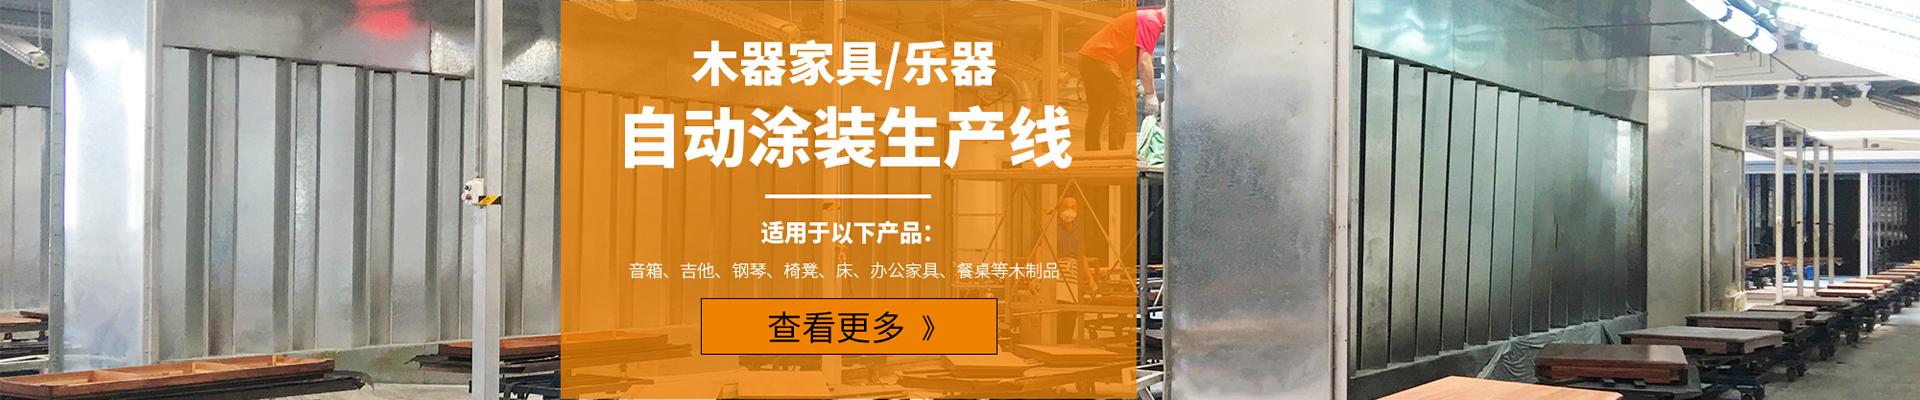 广东创智智能装备有限公司